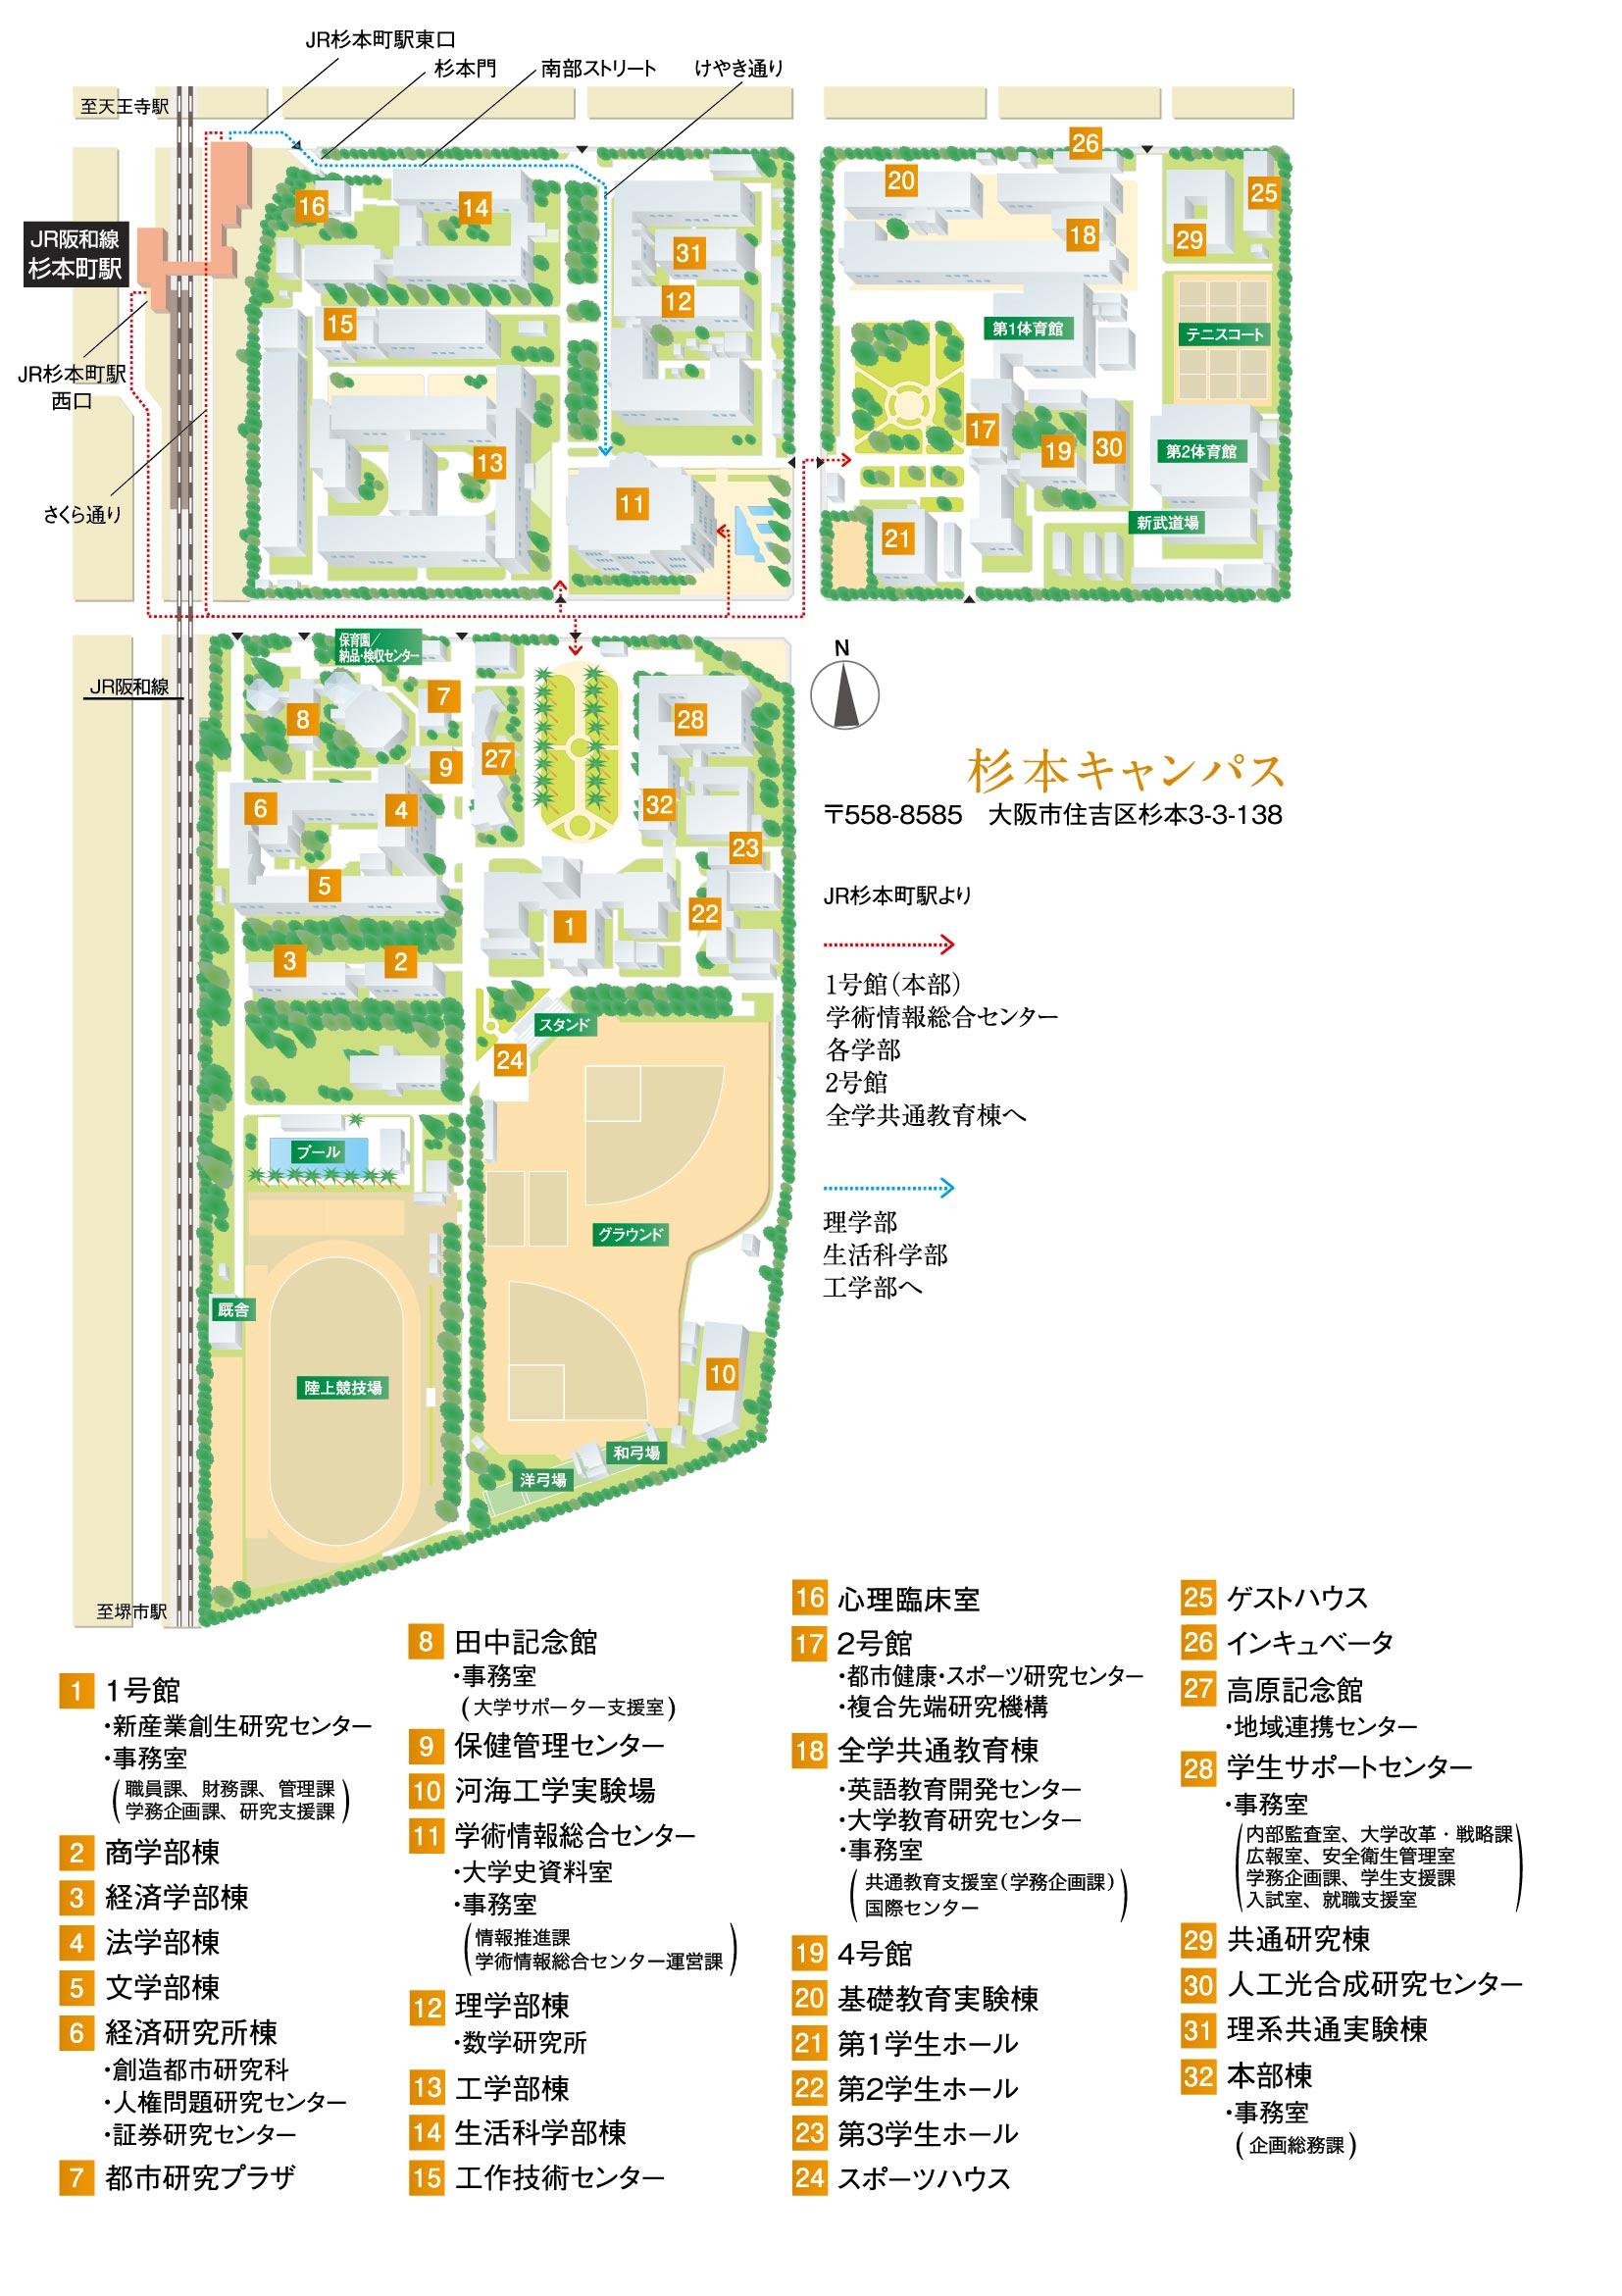 杉本キャンパスマップ